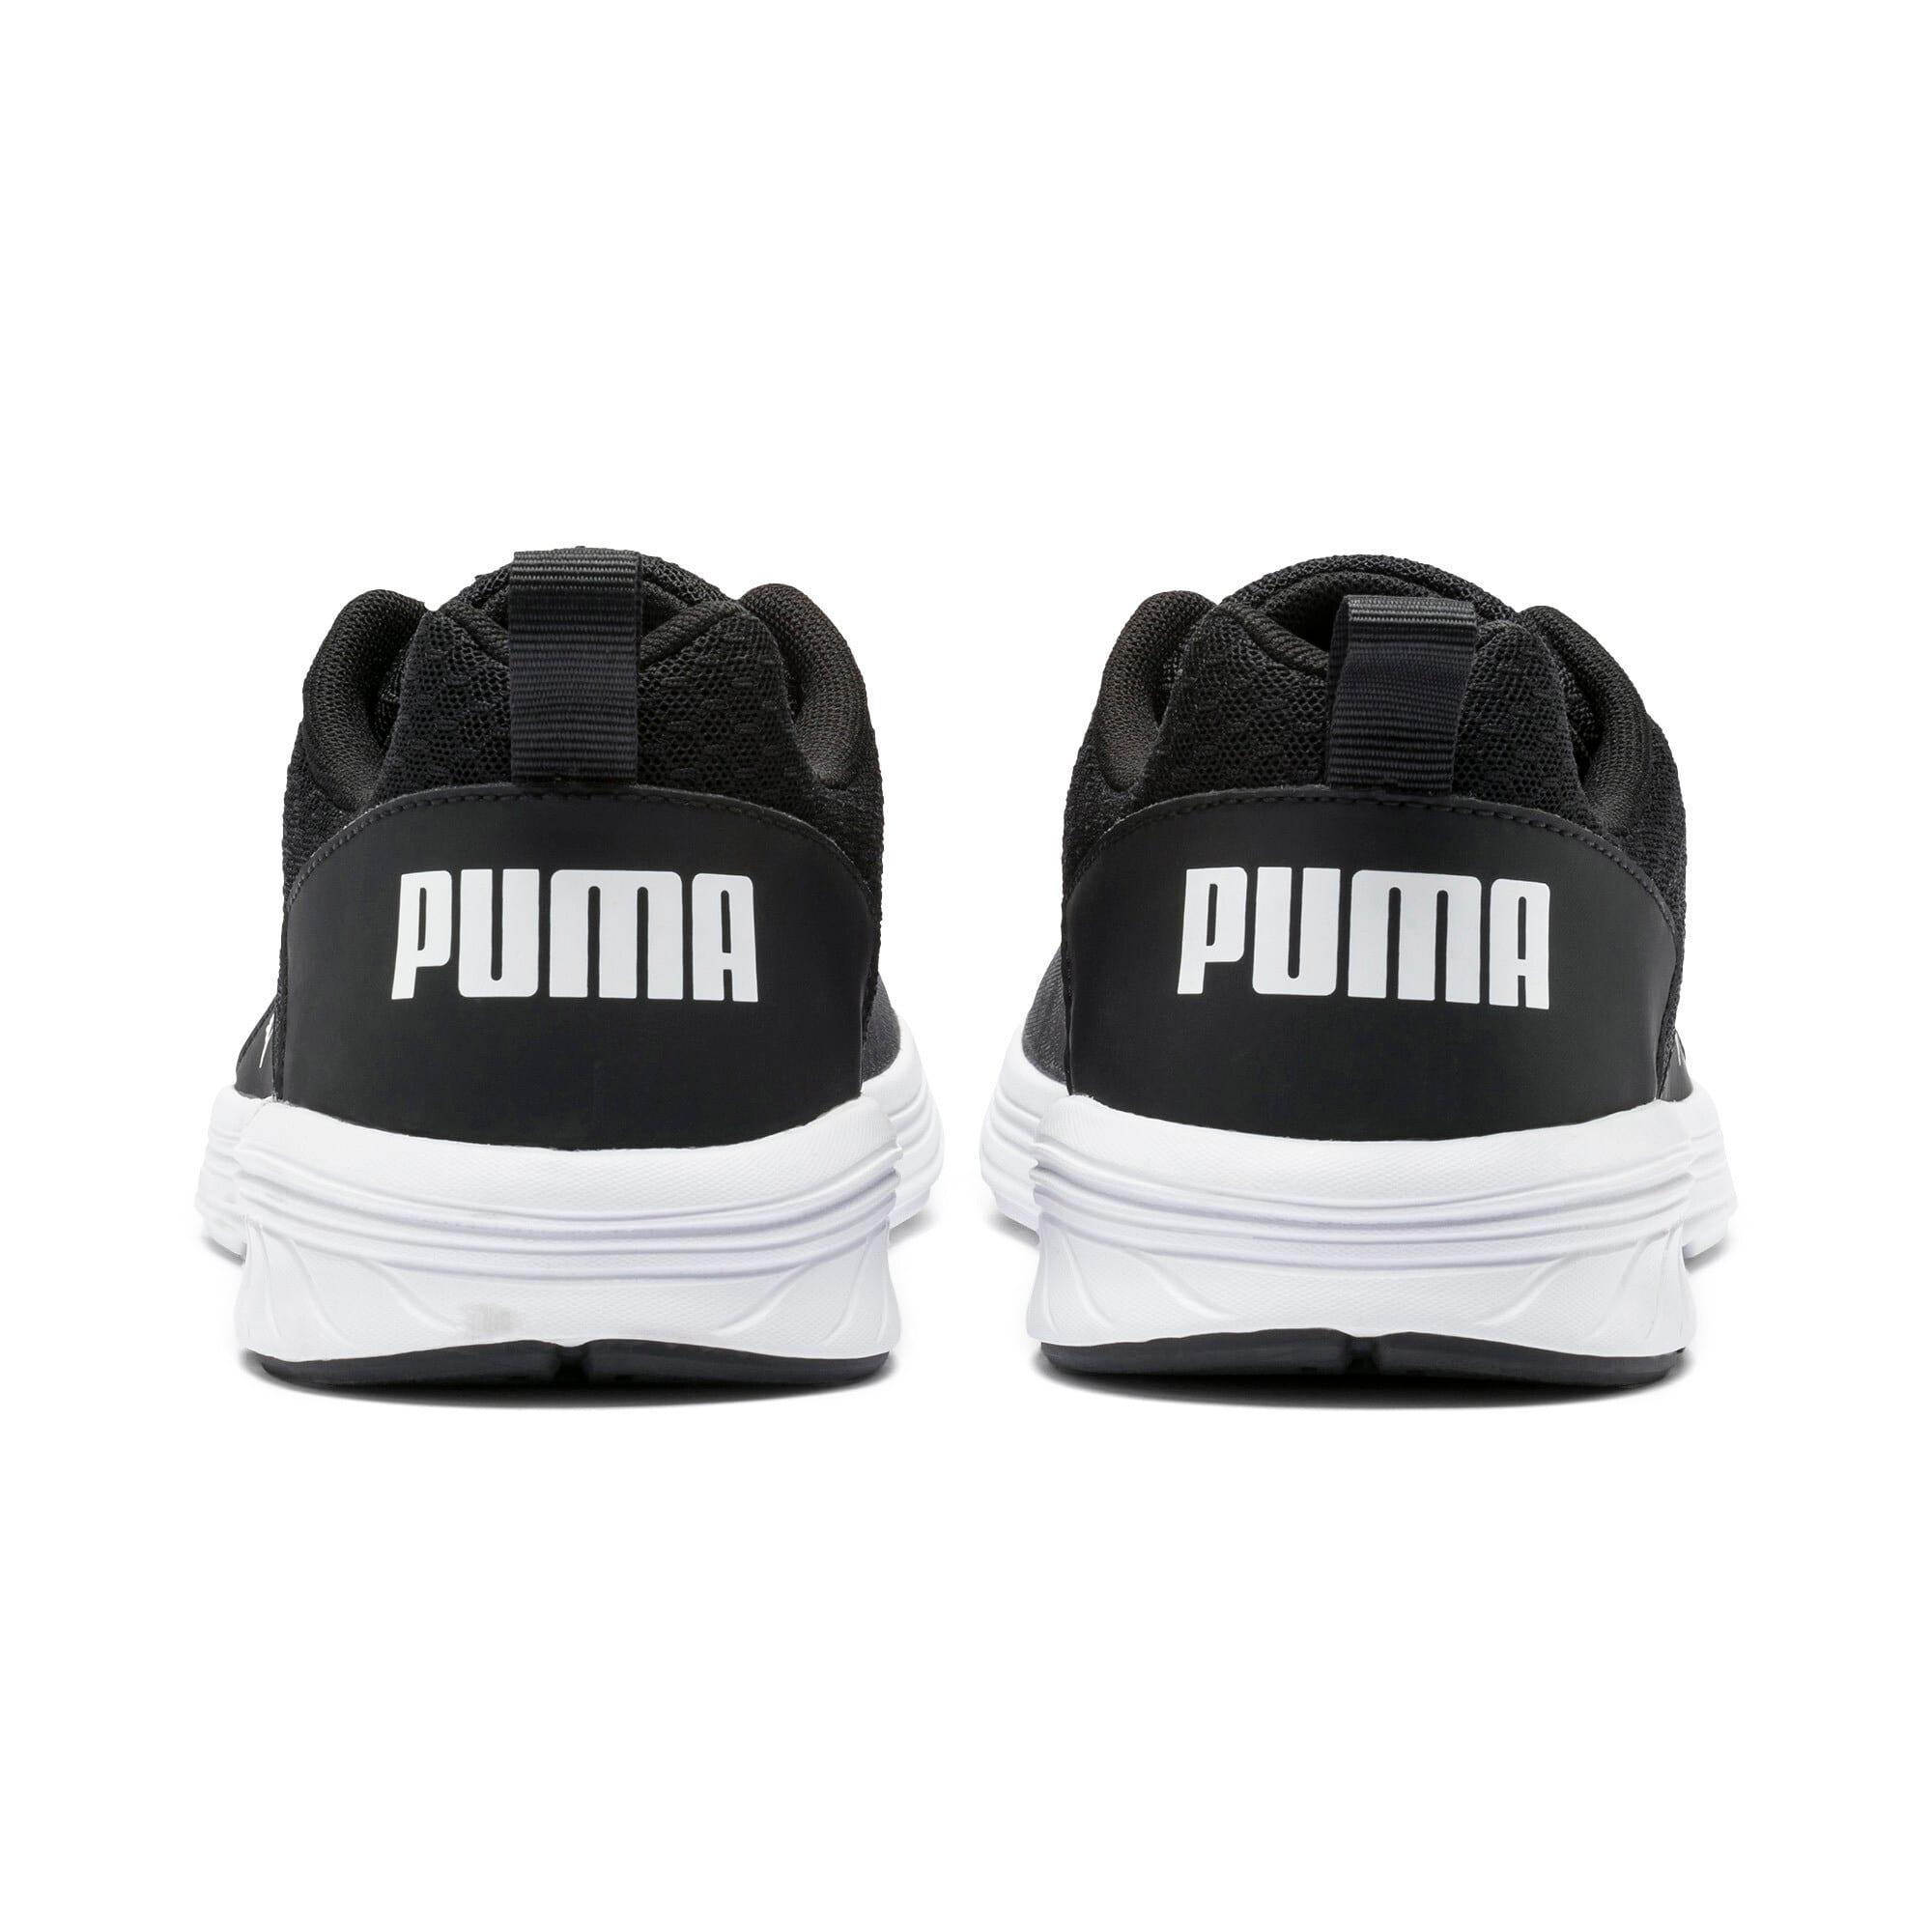 Miniatura 3 de Zapatos para correr NRGY Comet, Puma Black-Puma White, mediano